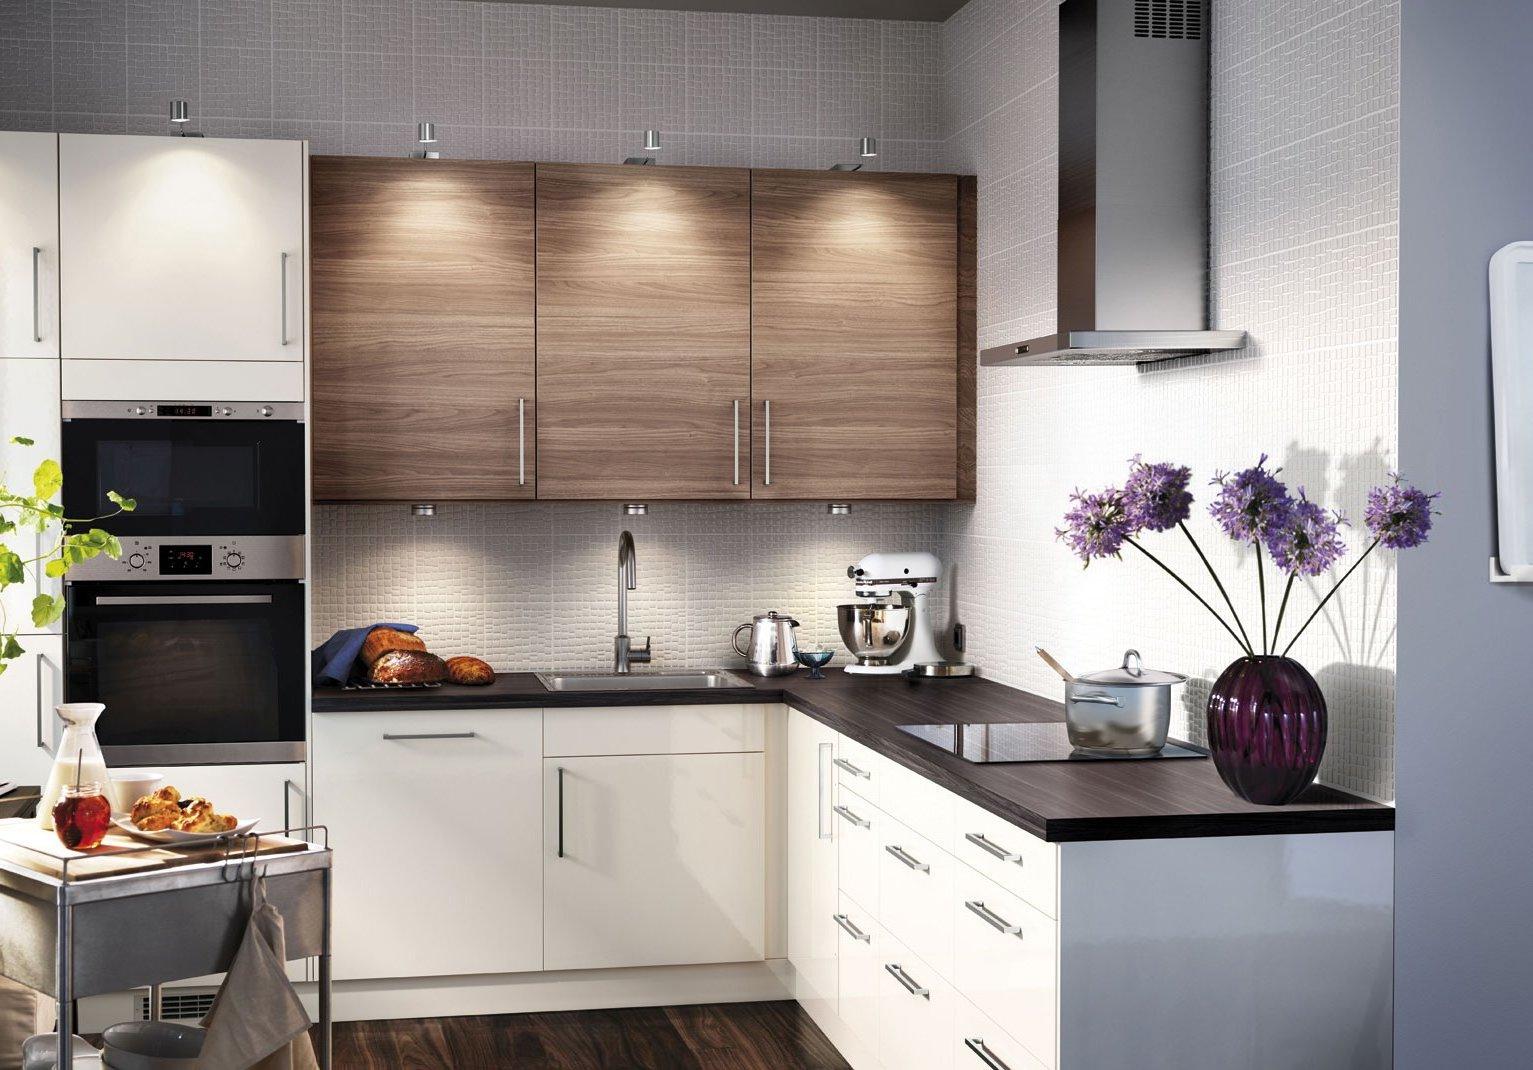 столы и стулья Ikea для кухни 68 фото кухонные обеденные столы со